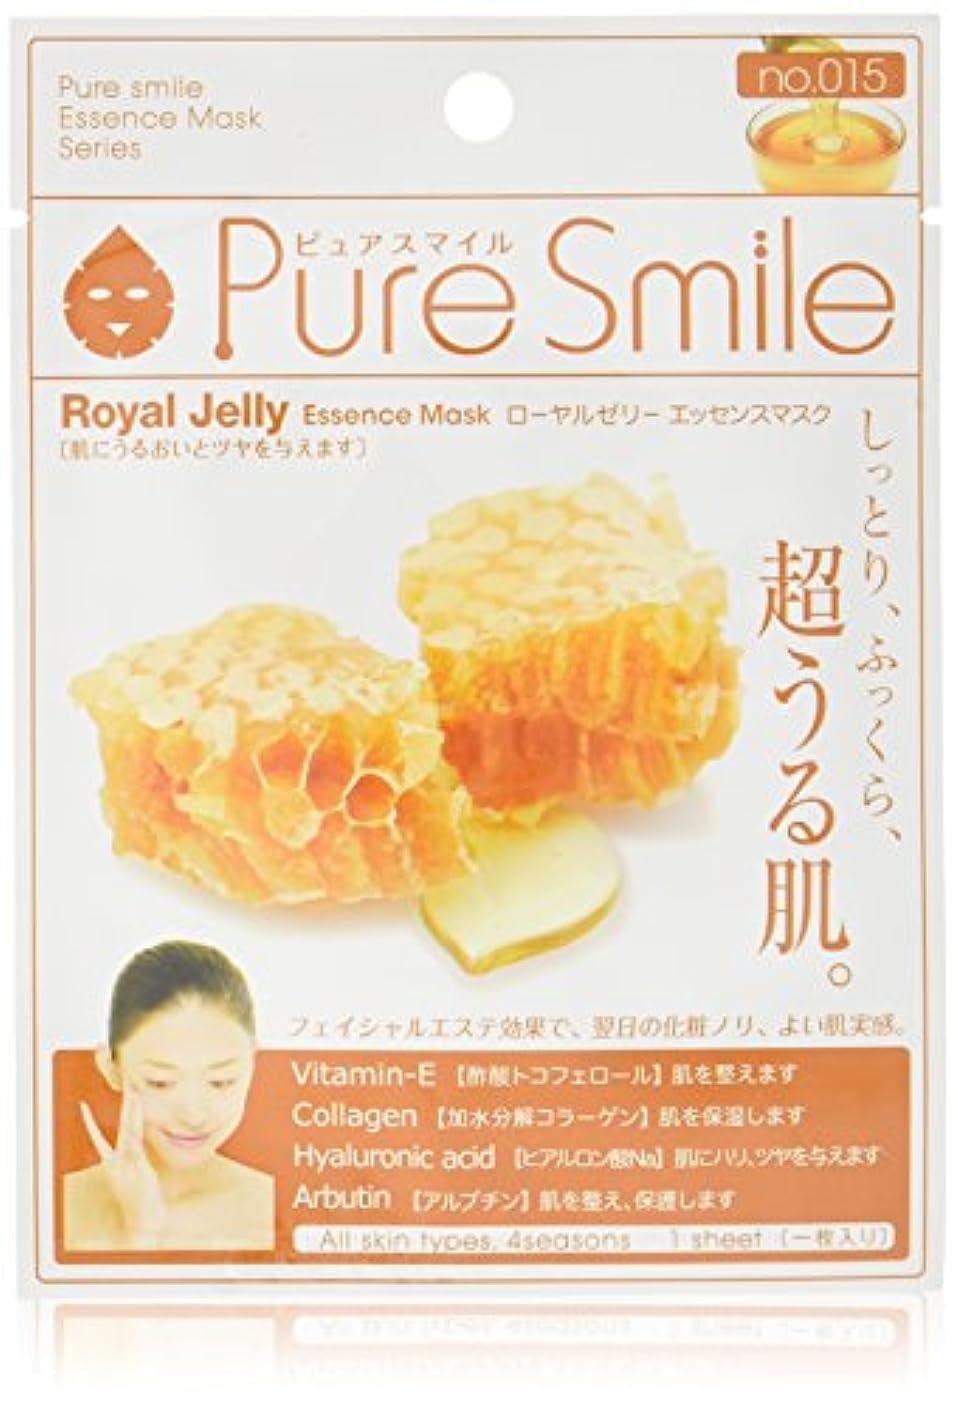 Pure Smile ピュアスマイル エッセンスマスク ローヤルゼリー 6枚セット